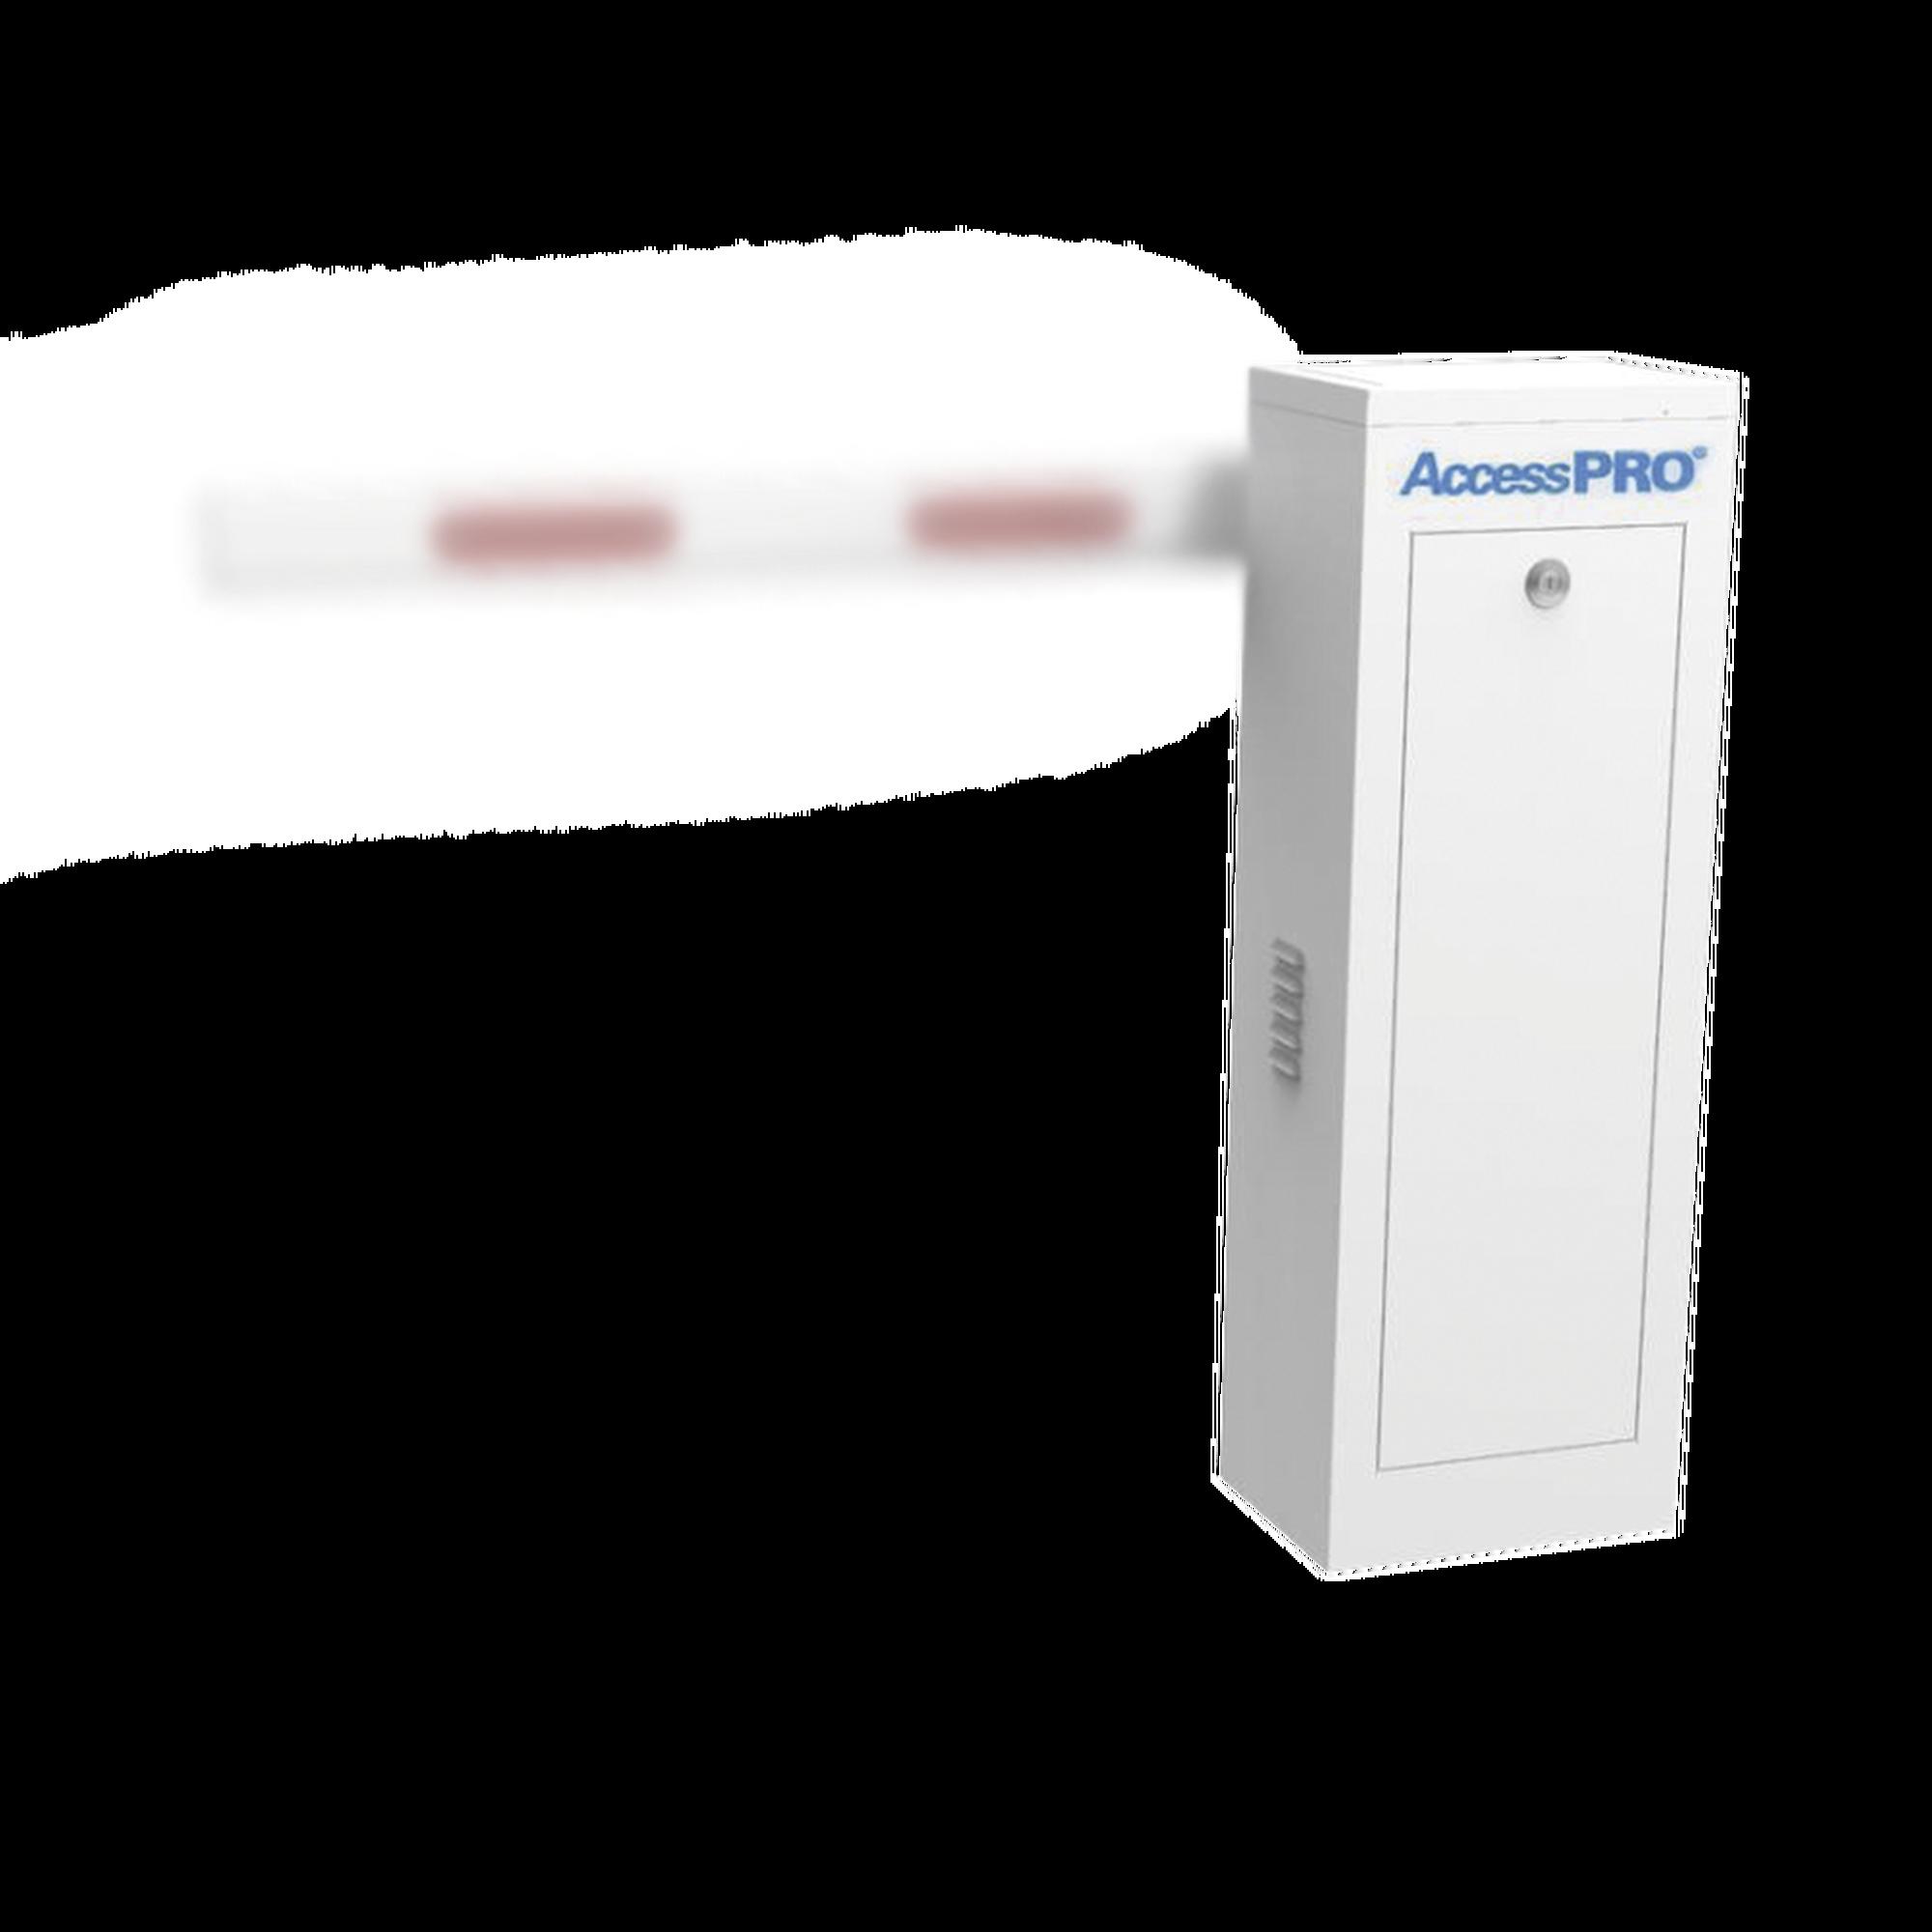 Barrera Vehicular Izquierda / Soporta brazo Telescópico de hasta 6 metros / Tiempo de Apertura 6 segundos